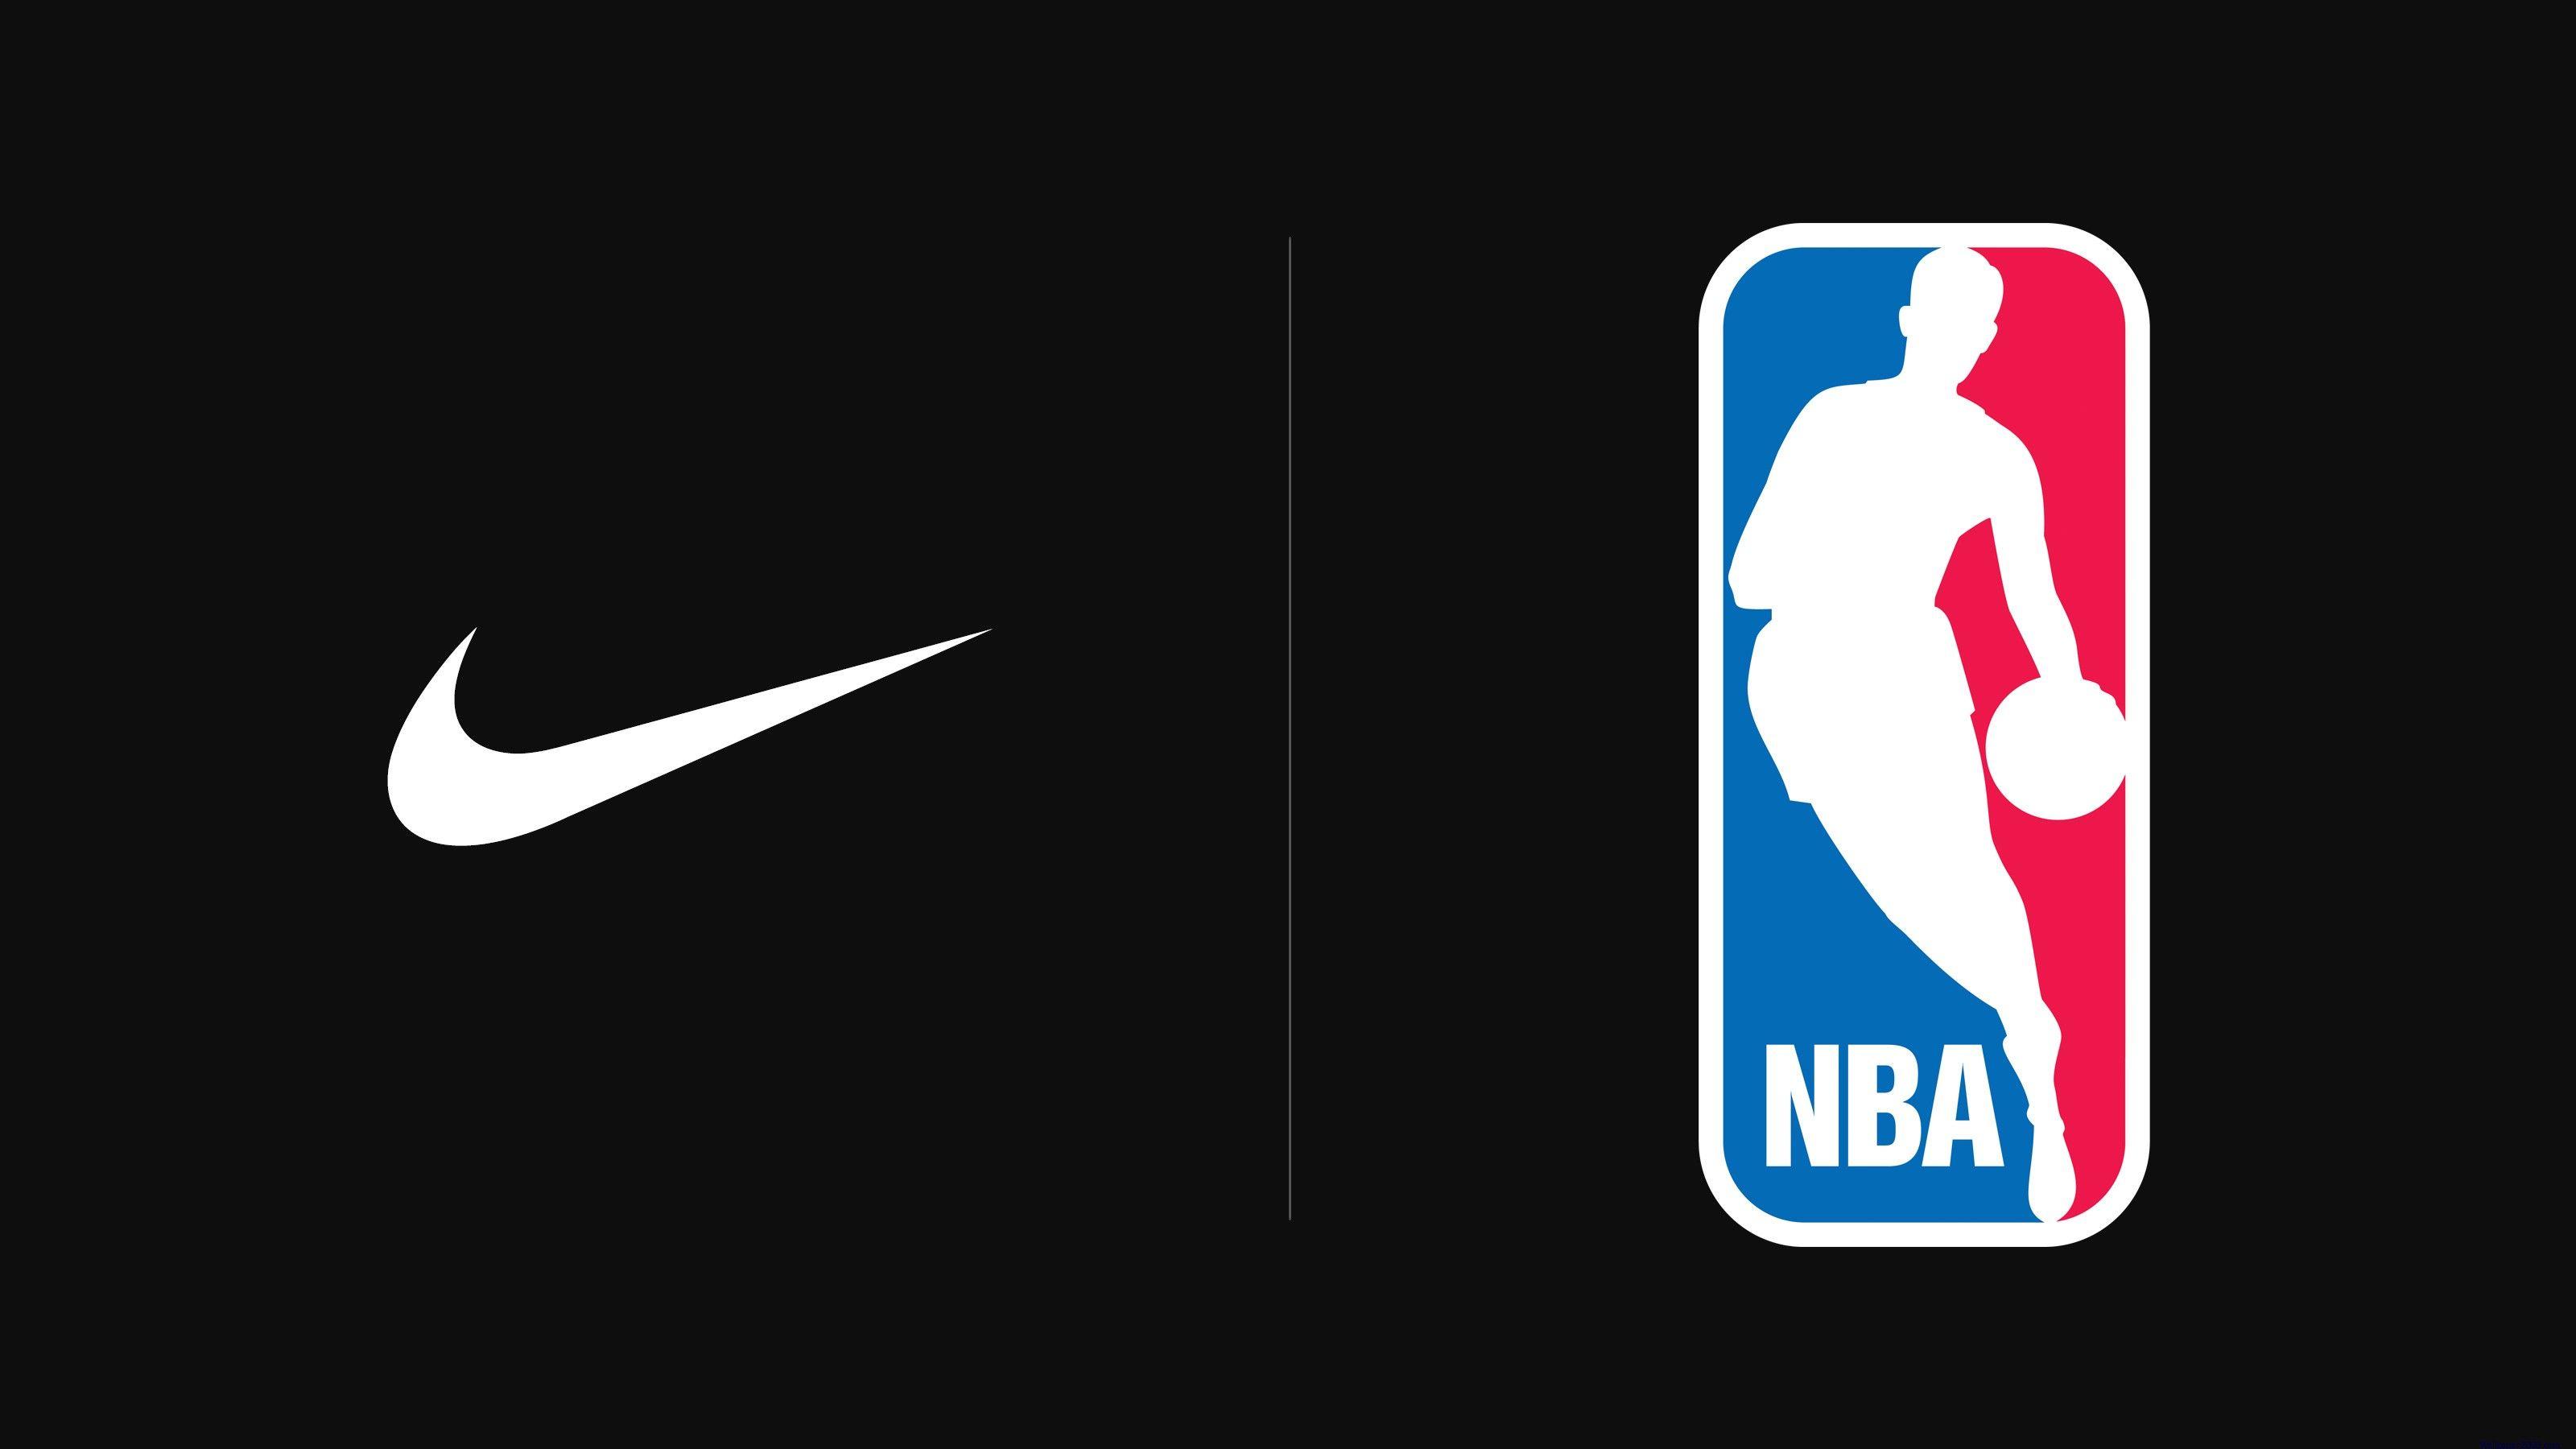 Nba Logo Wallpaper Full Hd Kxm Nba Logo Basketball Wallpaper Nba